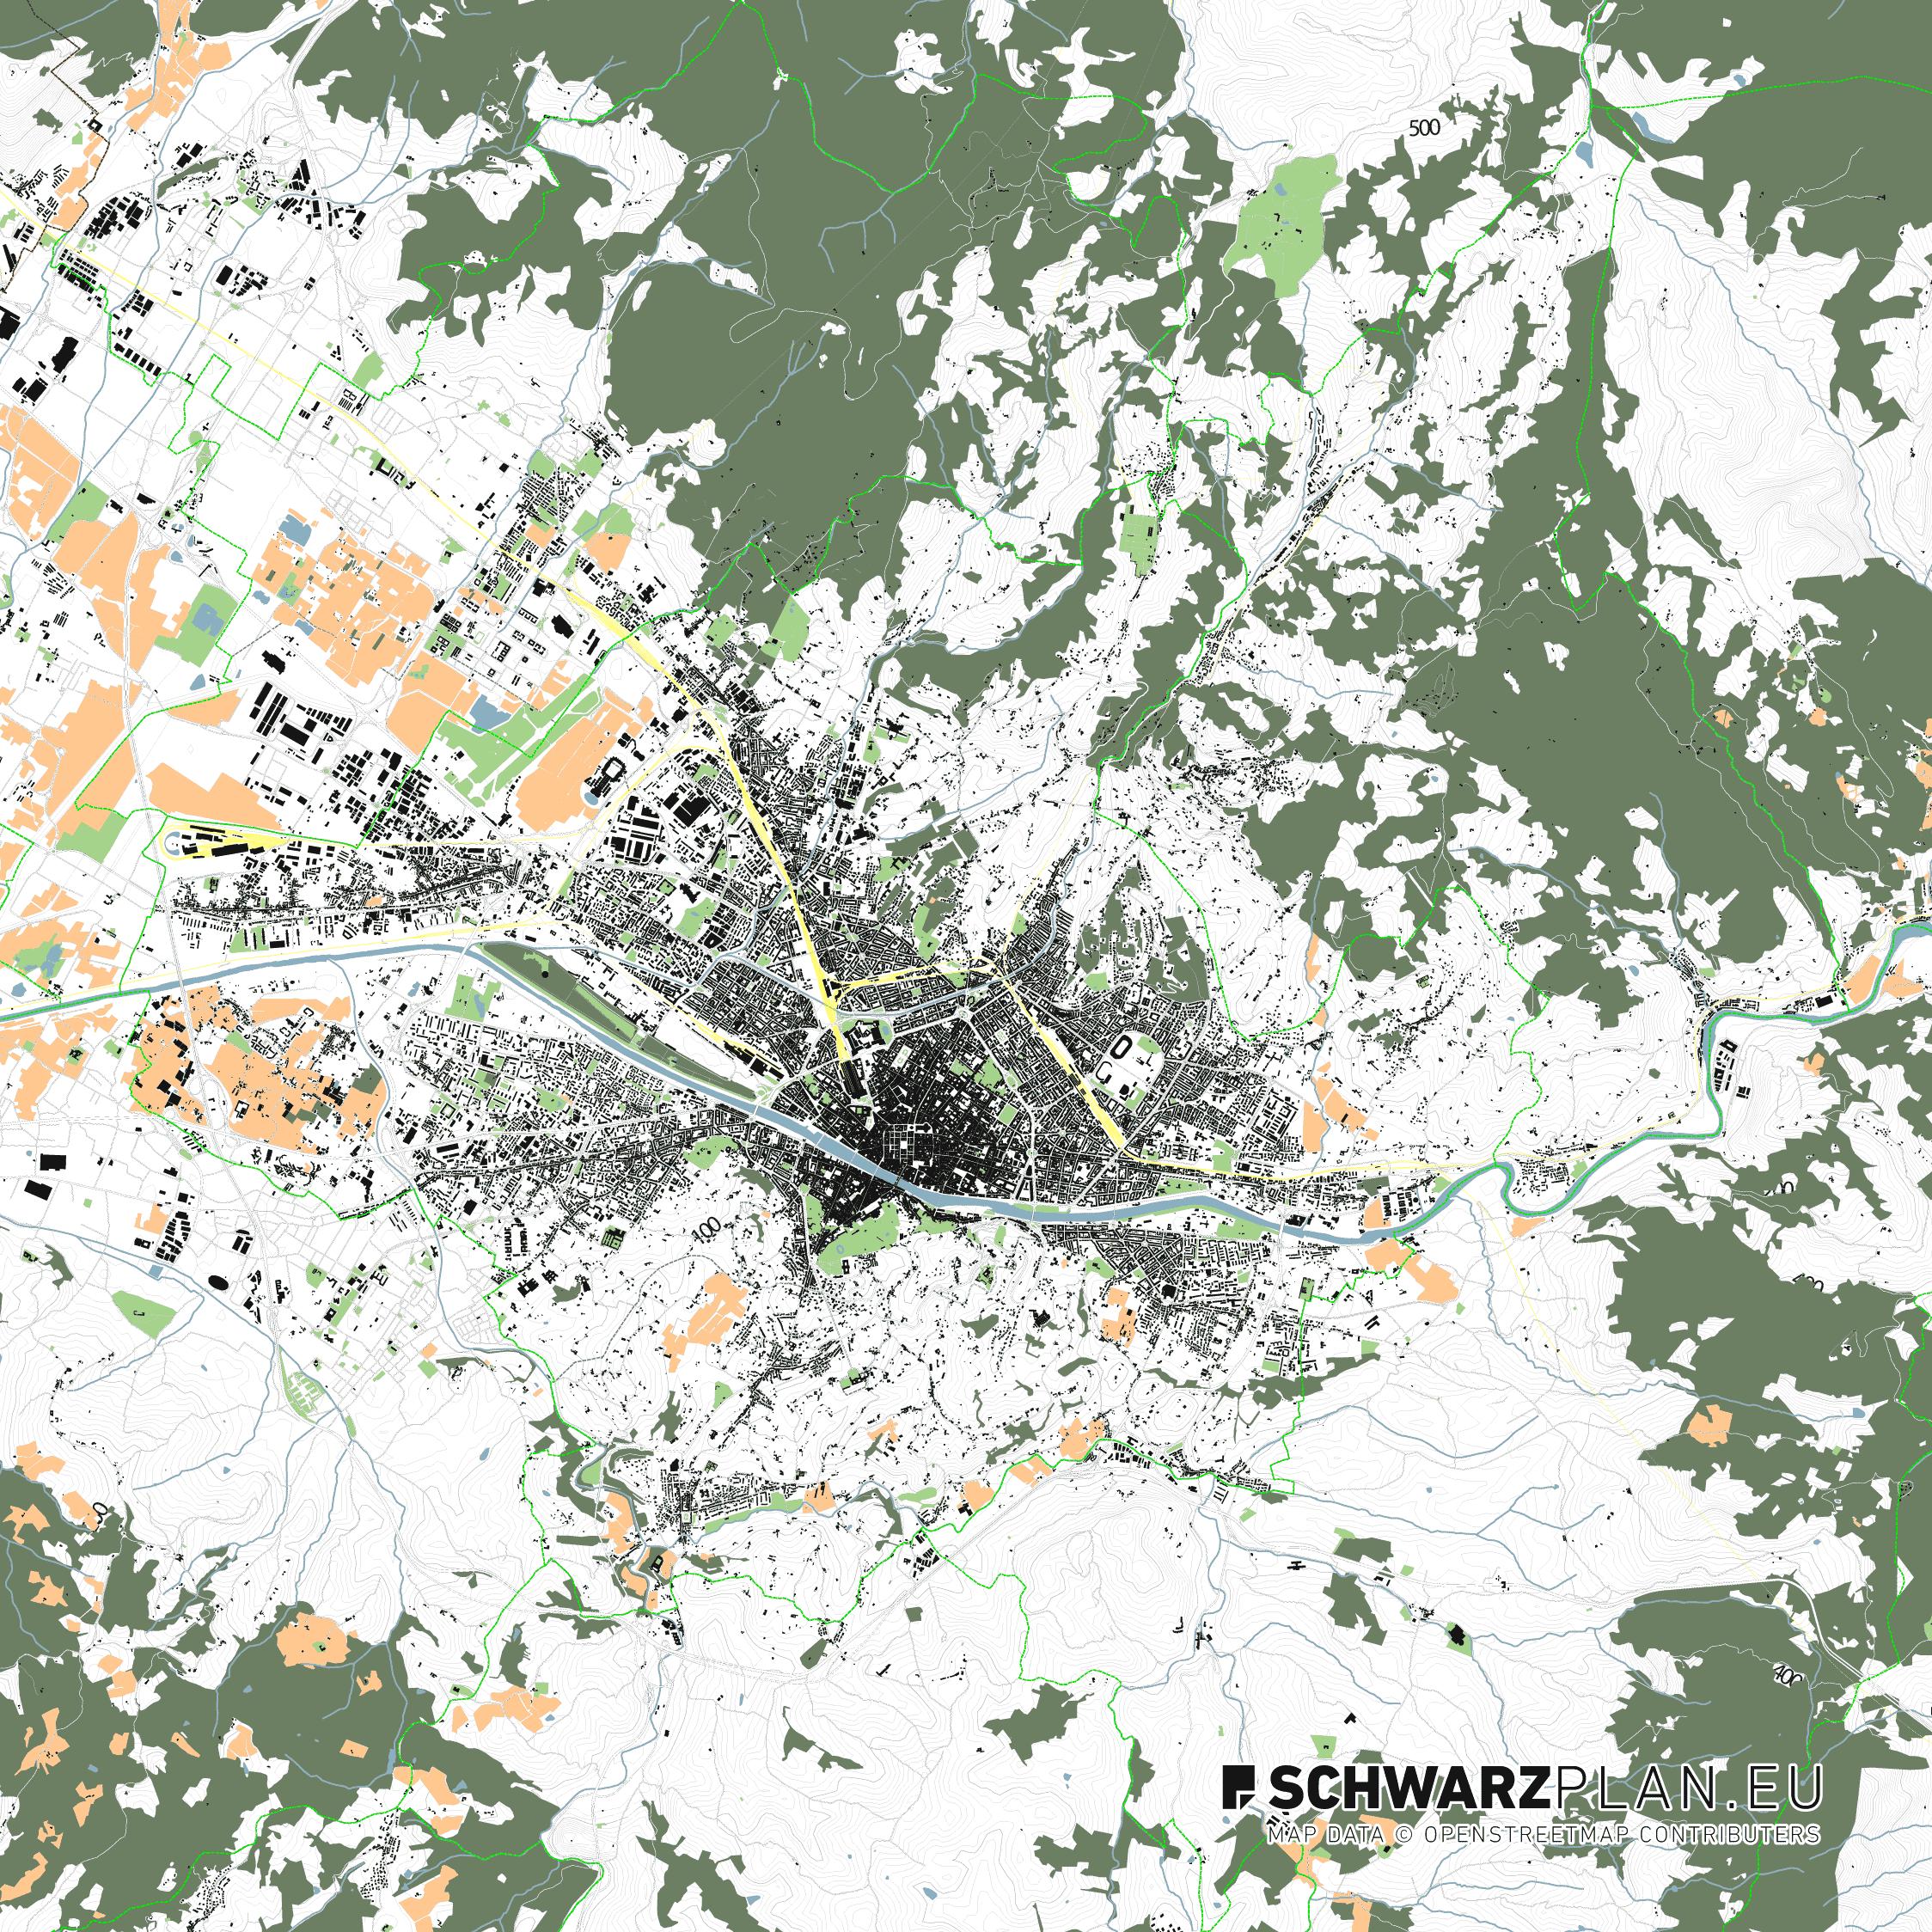 Stadtplan von Florenz in Italien